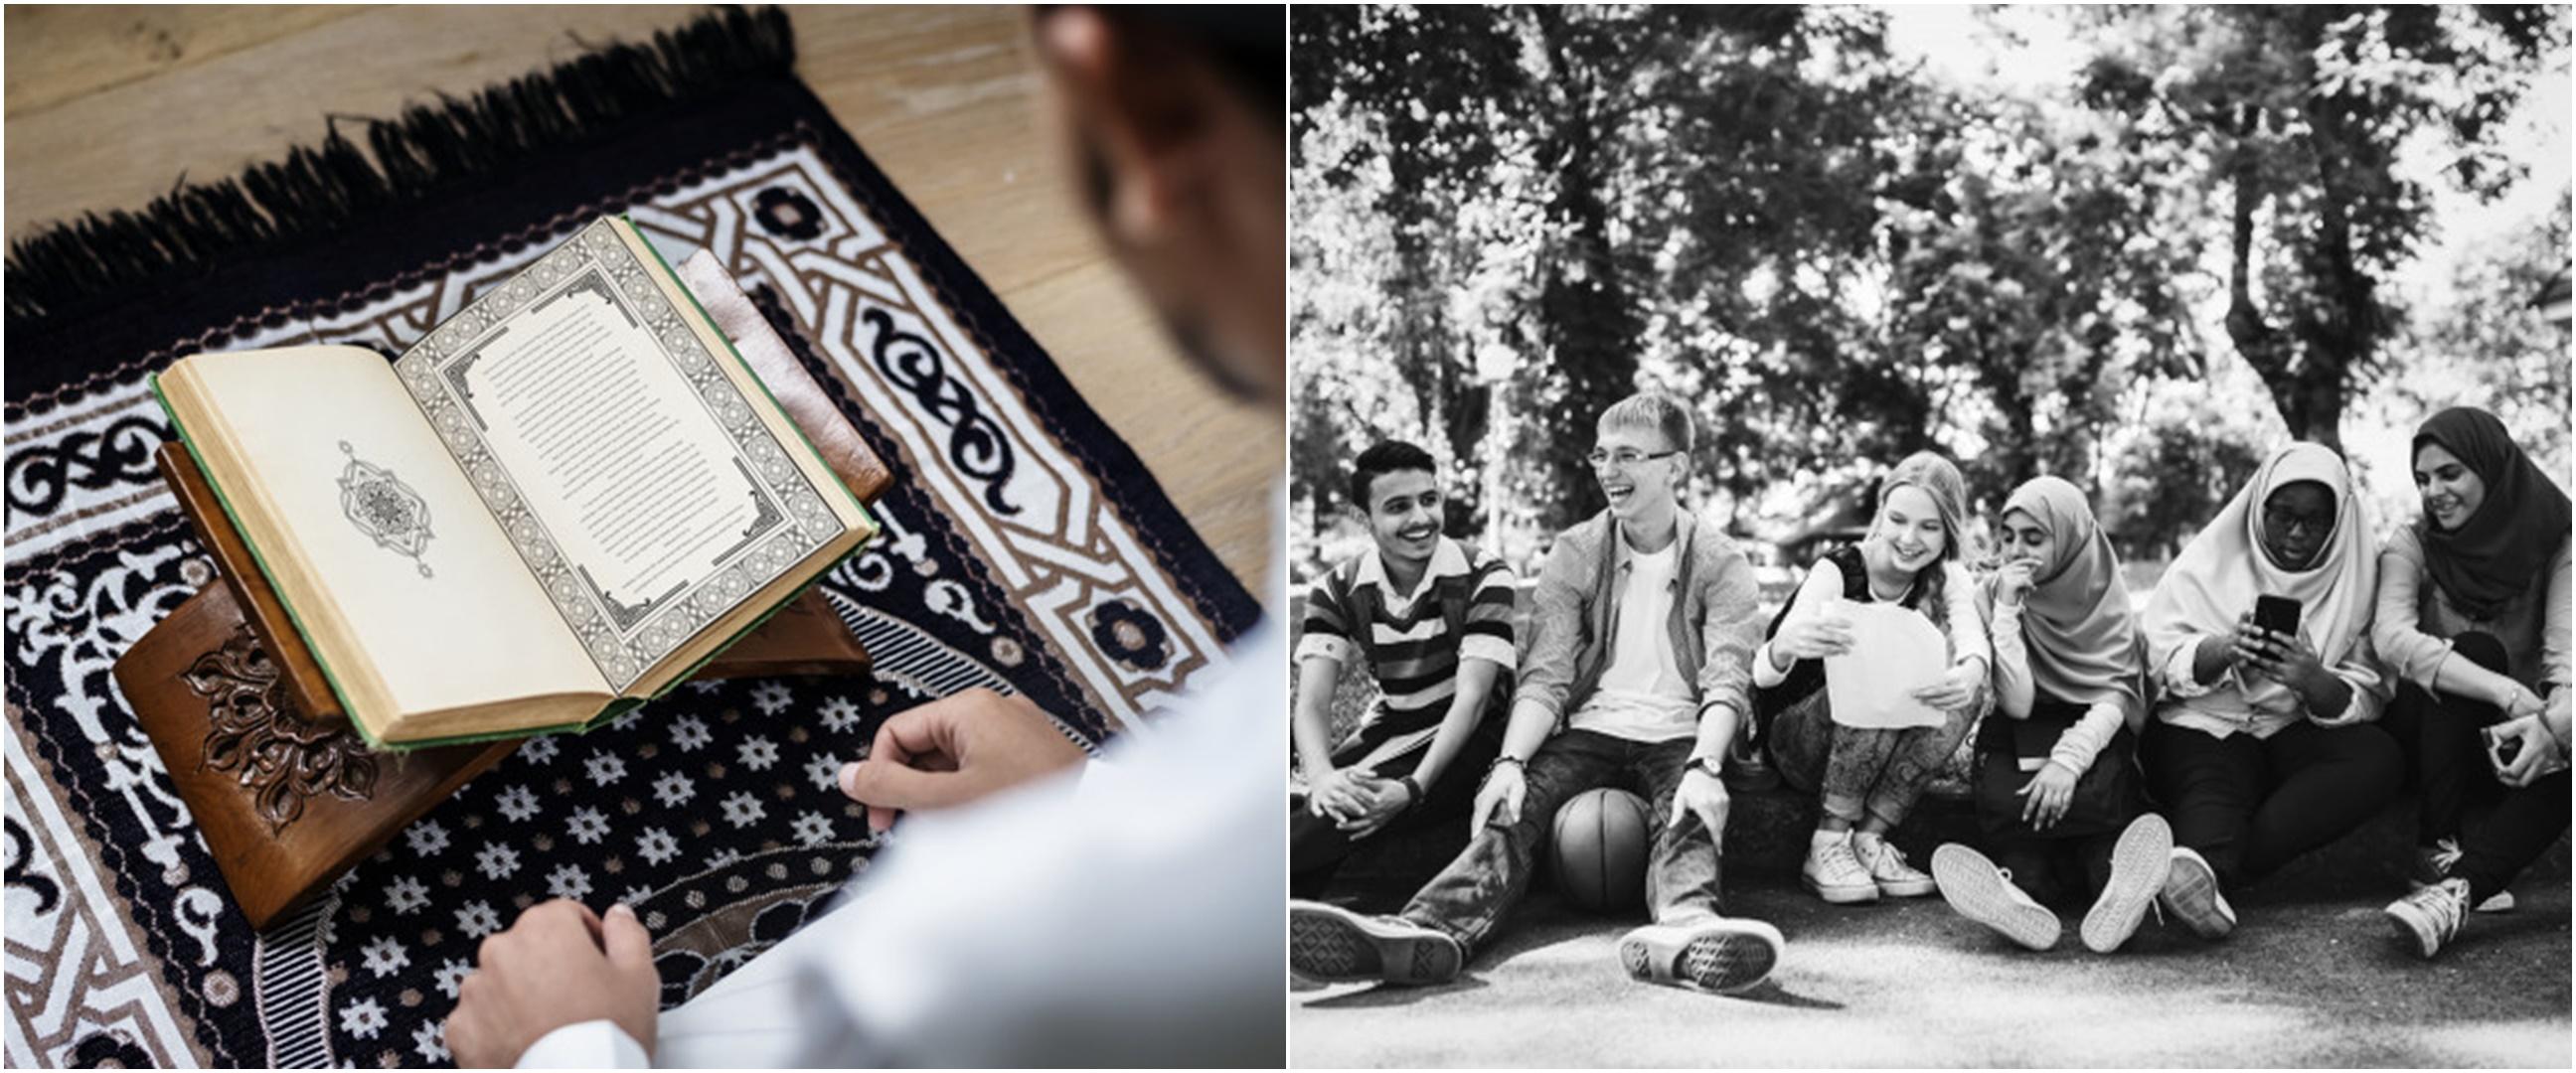 Keutamaan doa kafaratul majelis sebagai penutup majelis ilmu